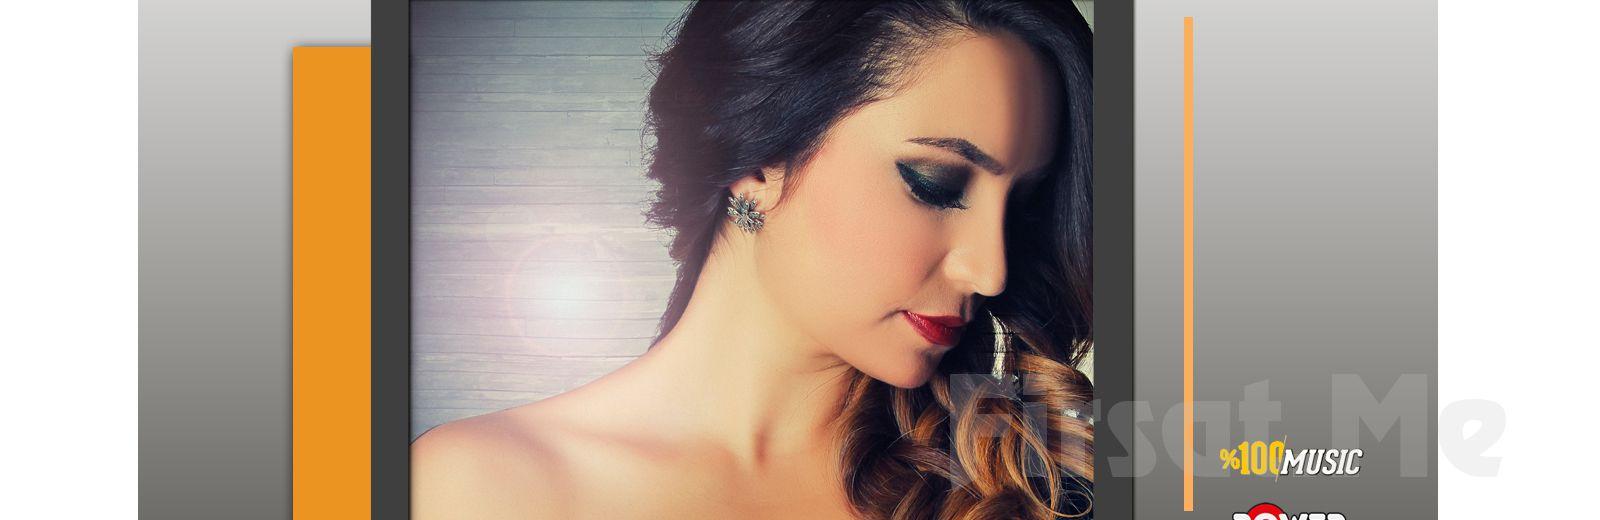 Mori Performance'ta 1 Eylü'de Aysel Yakupoğlu Konser Bileti